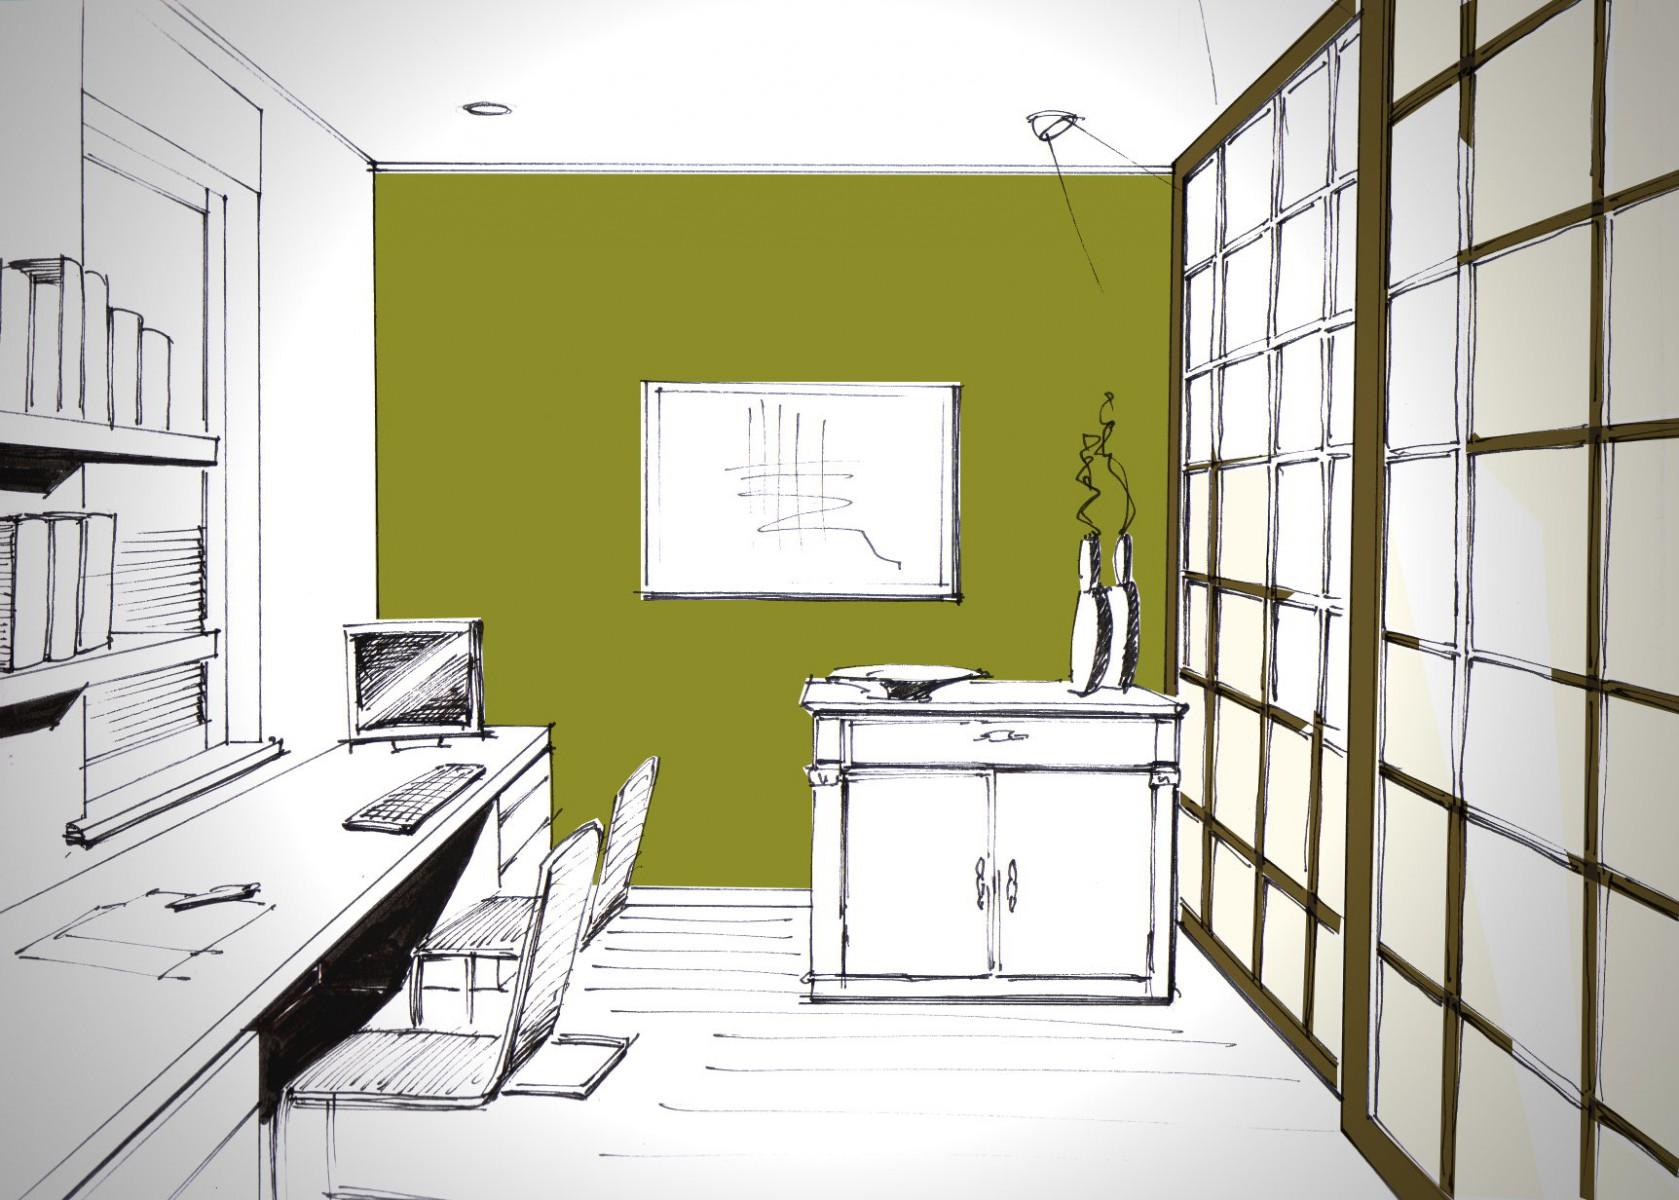 Wohnraumberatung bisch otteni architekten for Innenarchitektur wohnzimmer